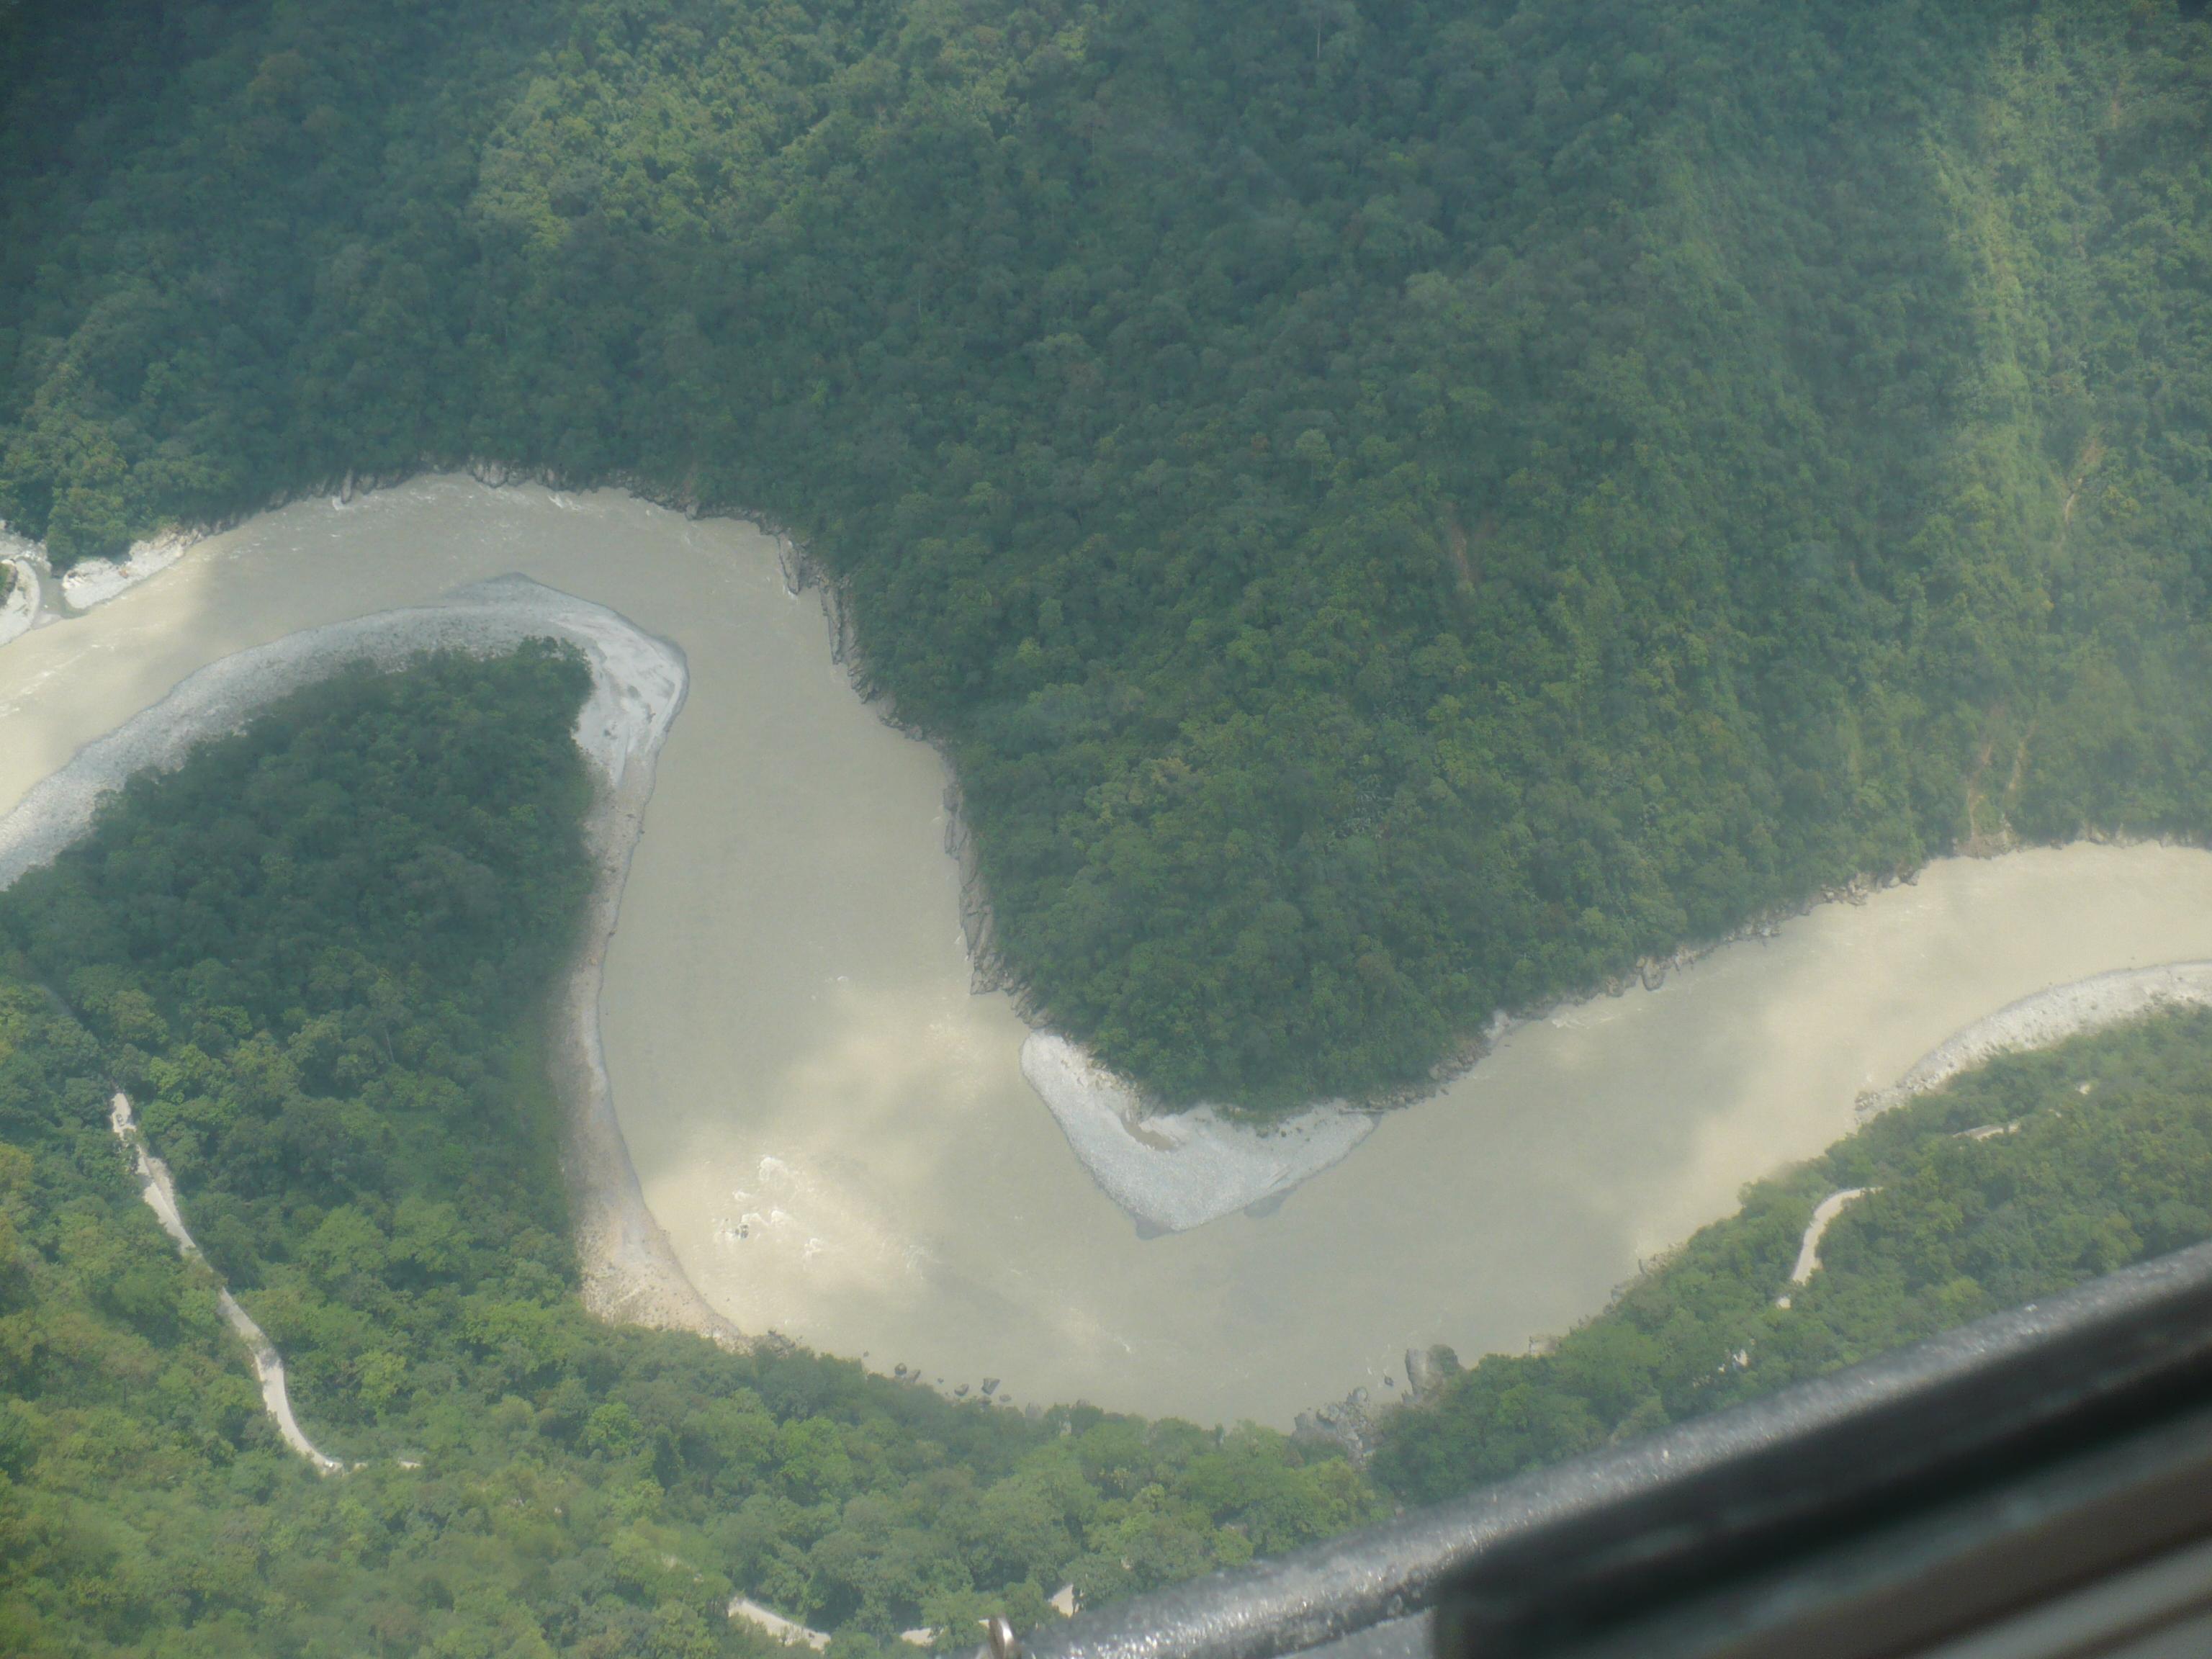 River Teesta. Aerial view